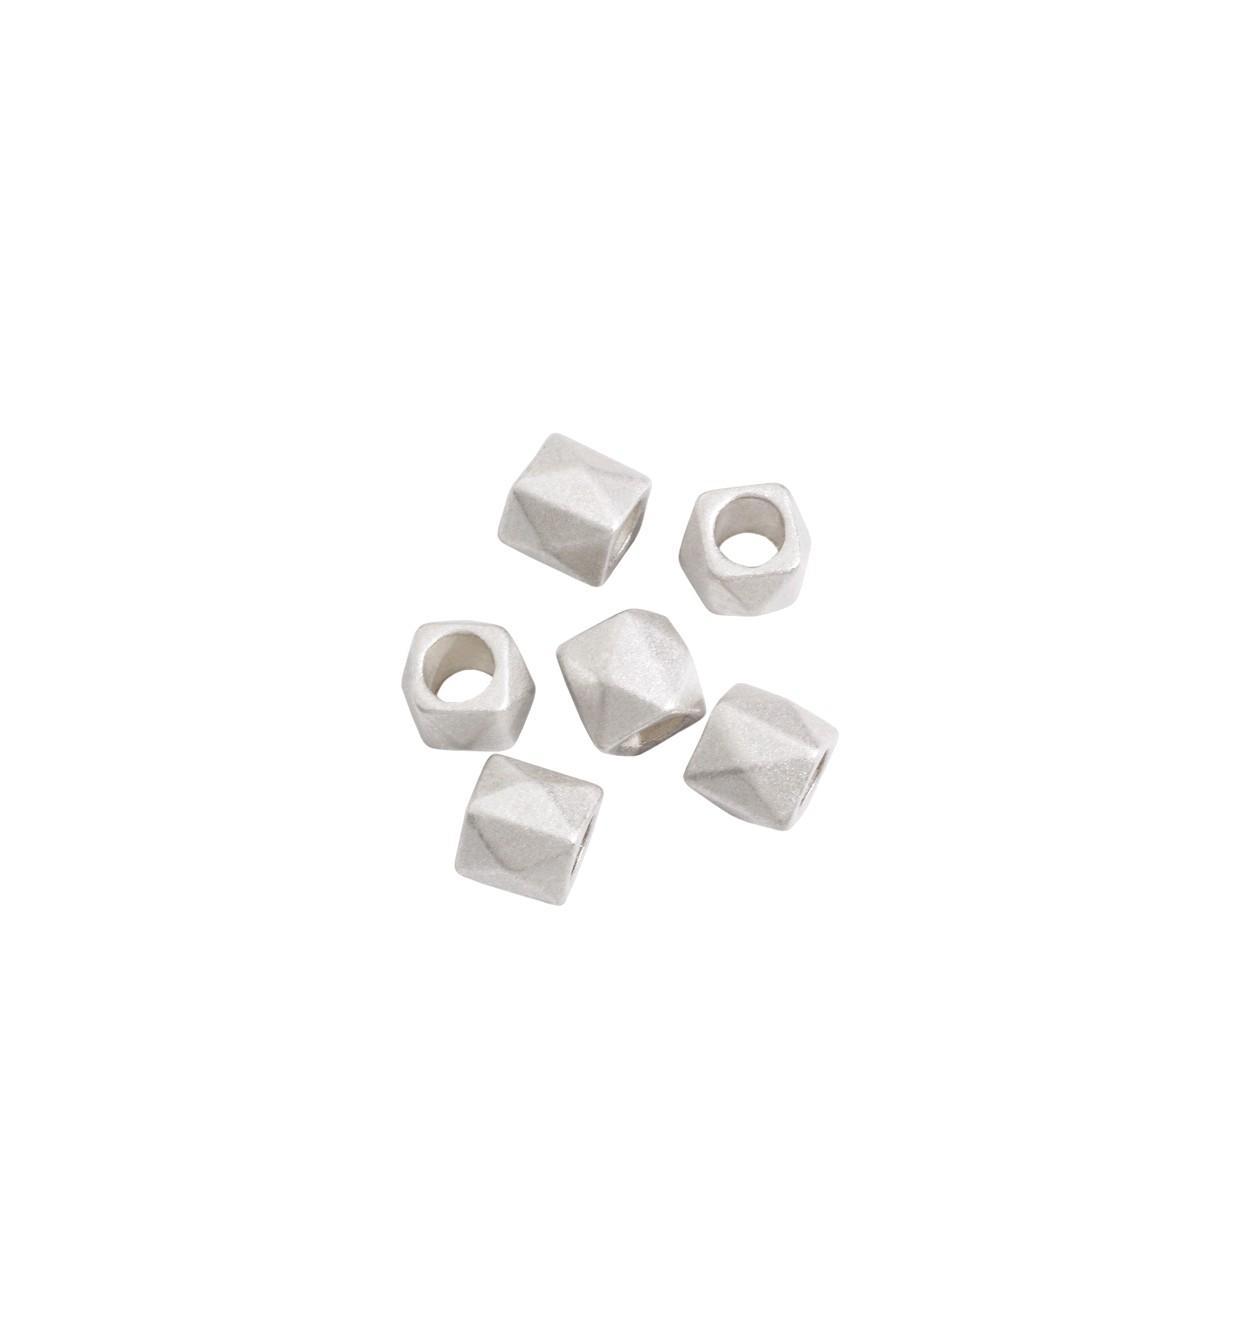 Komponente Studs 925 Silber - Dodo - DGAGS6/4/1